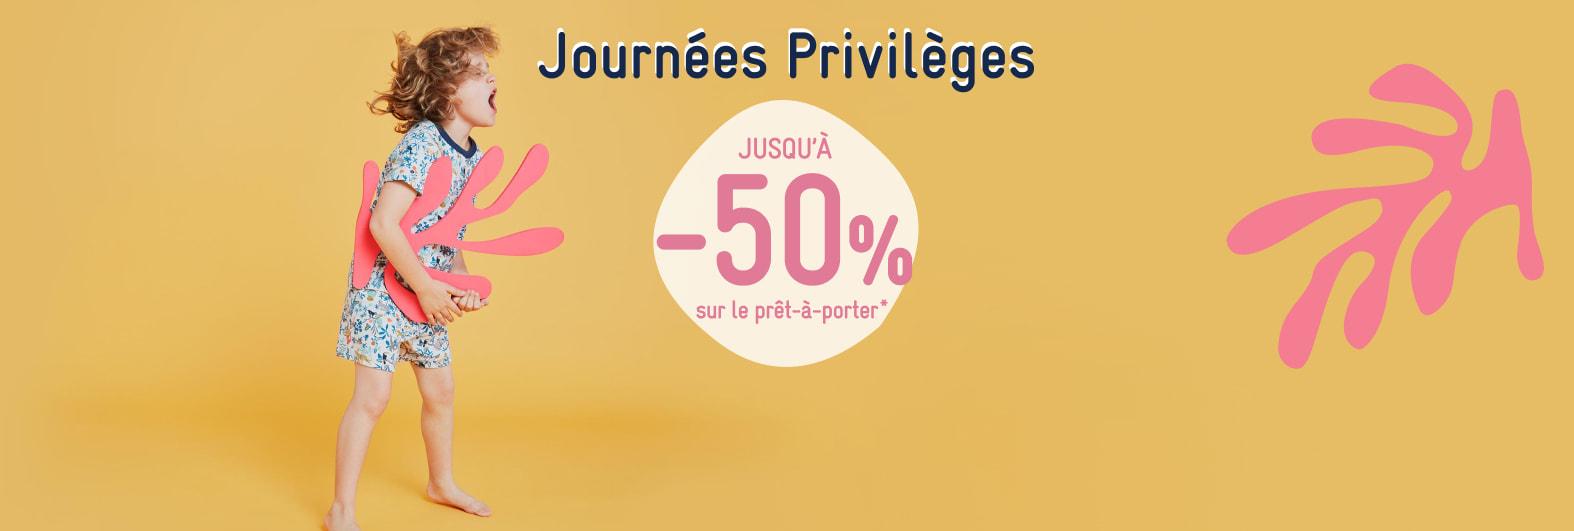 Journées Privilèges